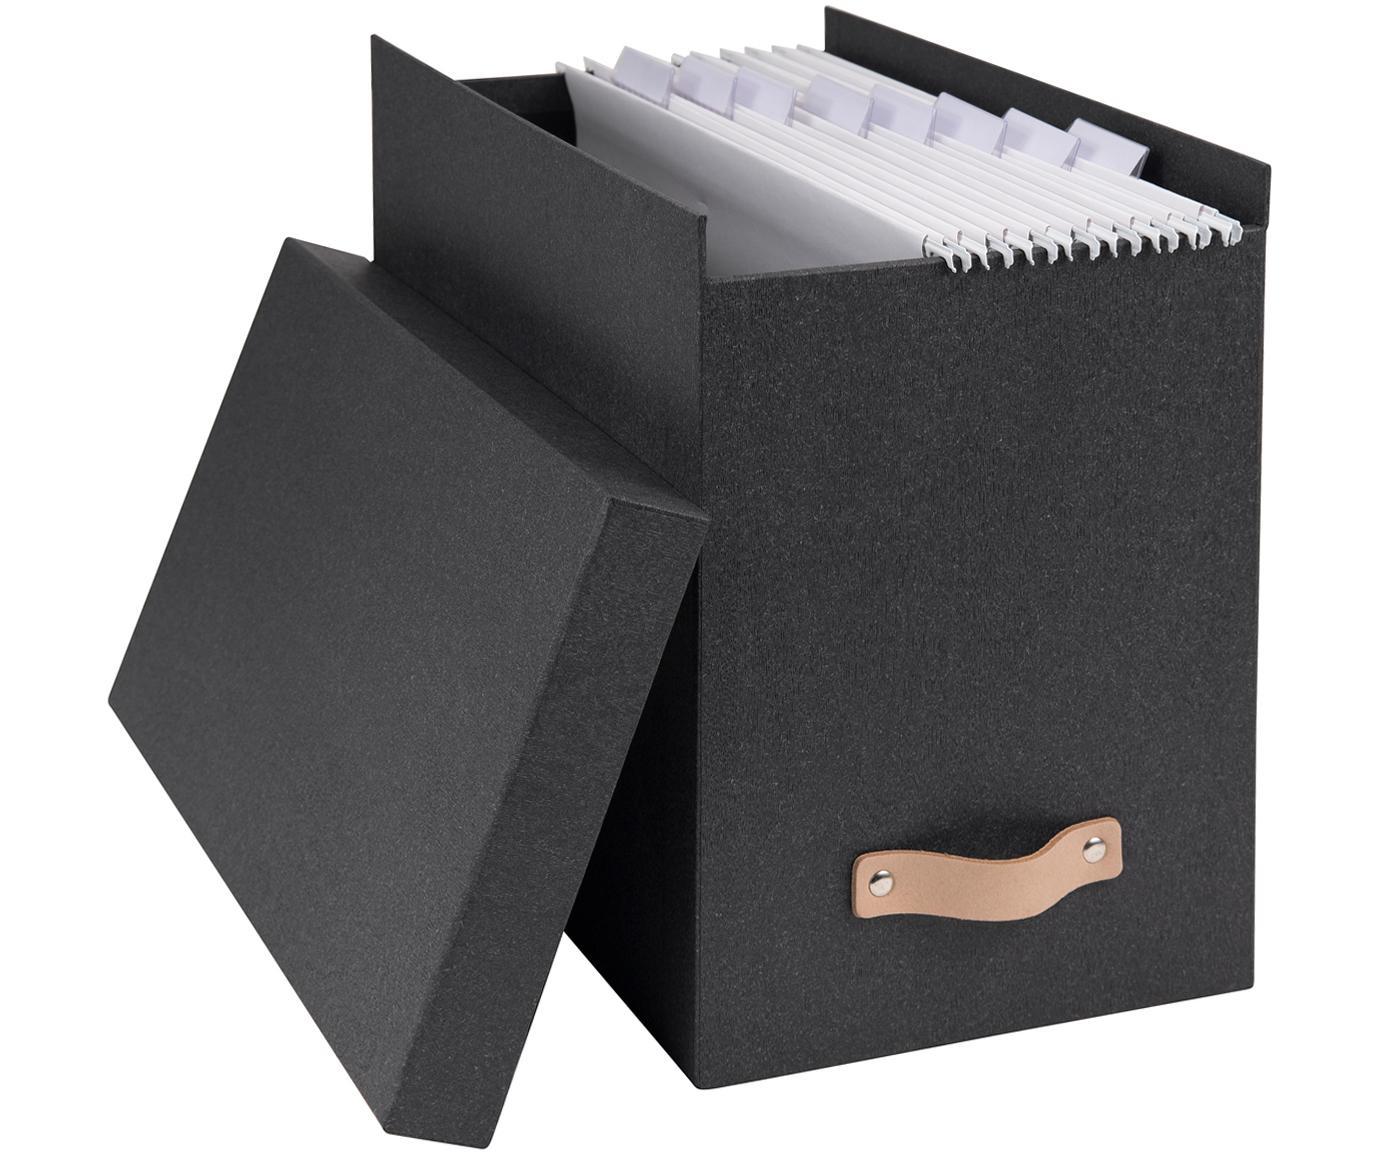 Organizzatore per documenti Johan II, 9 pz., Manico: pelle, Organizzatore esterno: nero Organizzatore interno: nero Manico: beige, L 19 x A 27 cm